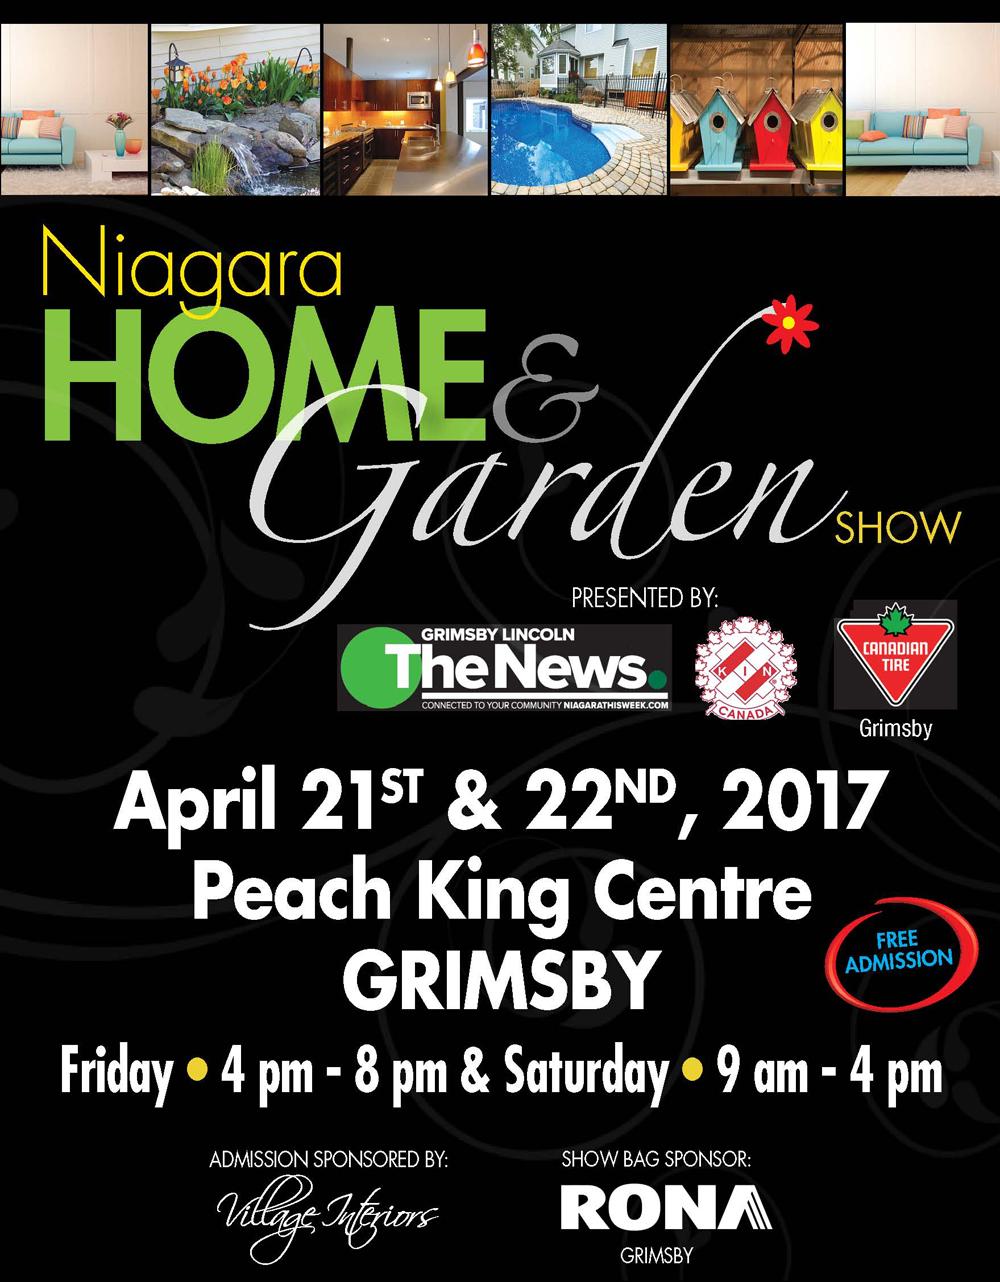 Niagara Home Garden Show